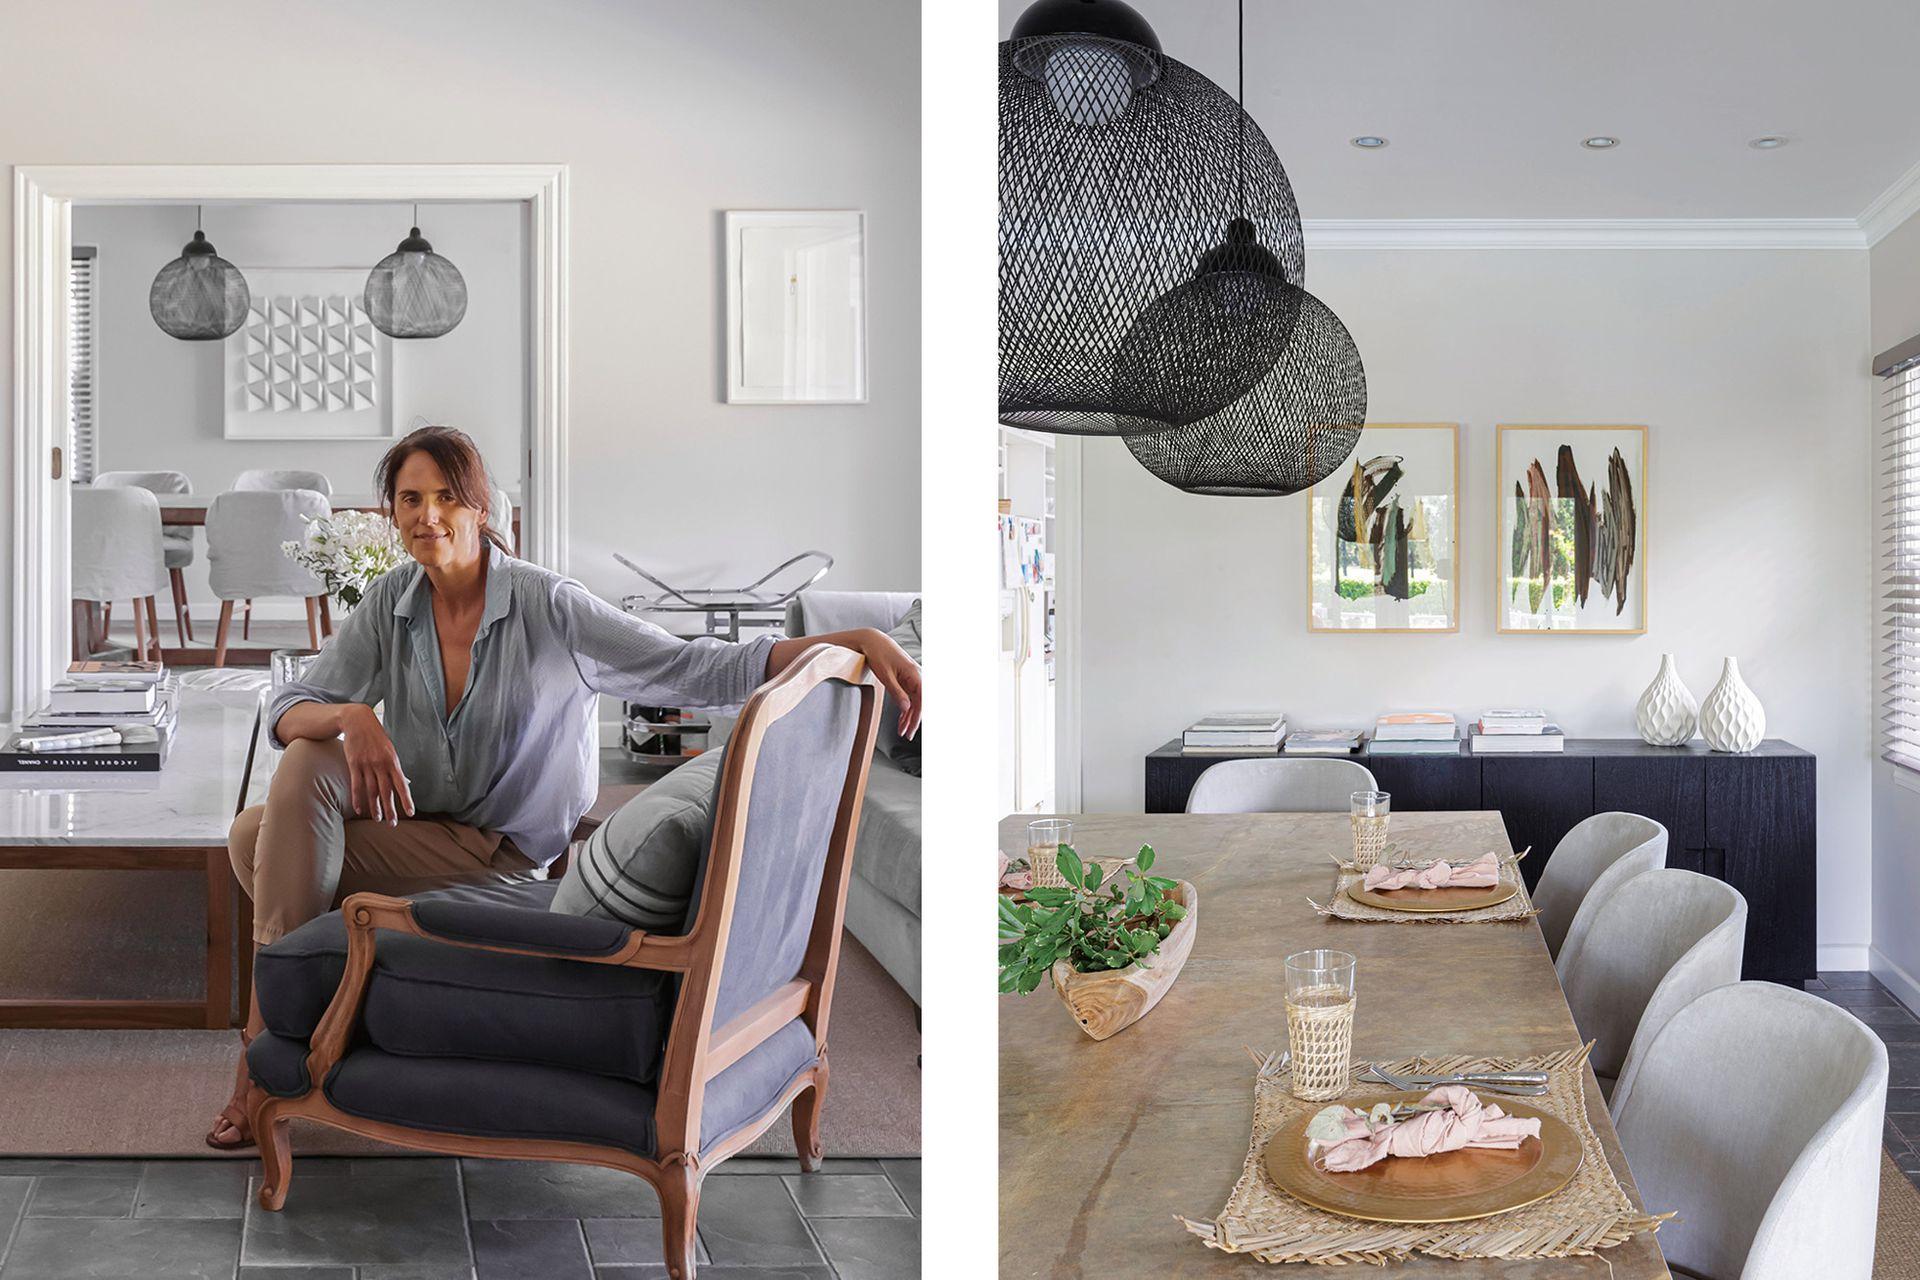 Joanne Cattarossi, diseñadora de interiores a cargo del proyecto de interiorismo. En el comedor, lámparas colgantes 'Non Random', de Bertjan Pot para la firma holandesa Moooi.